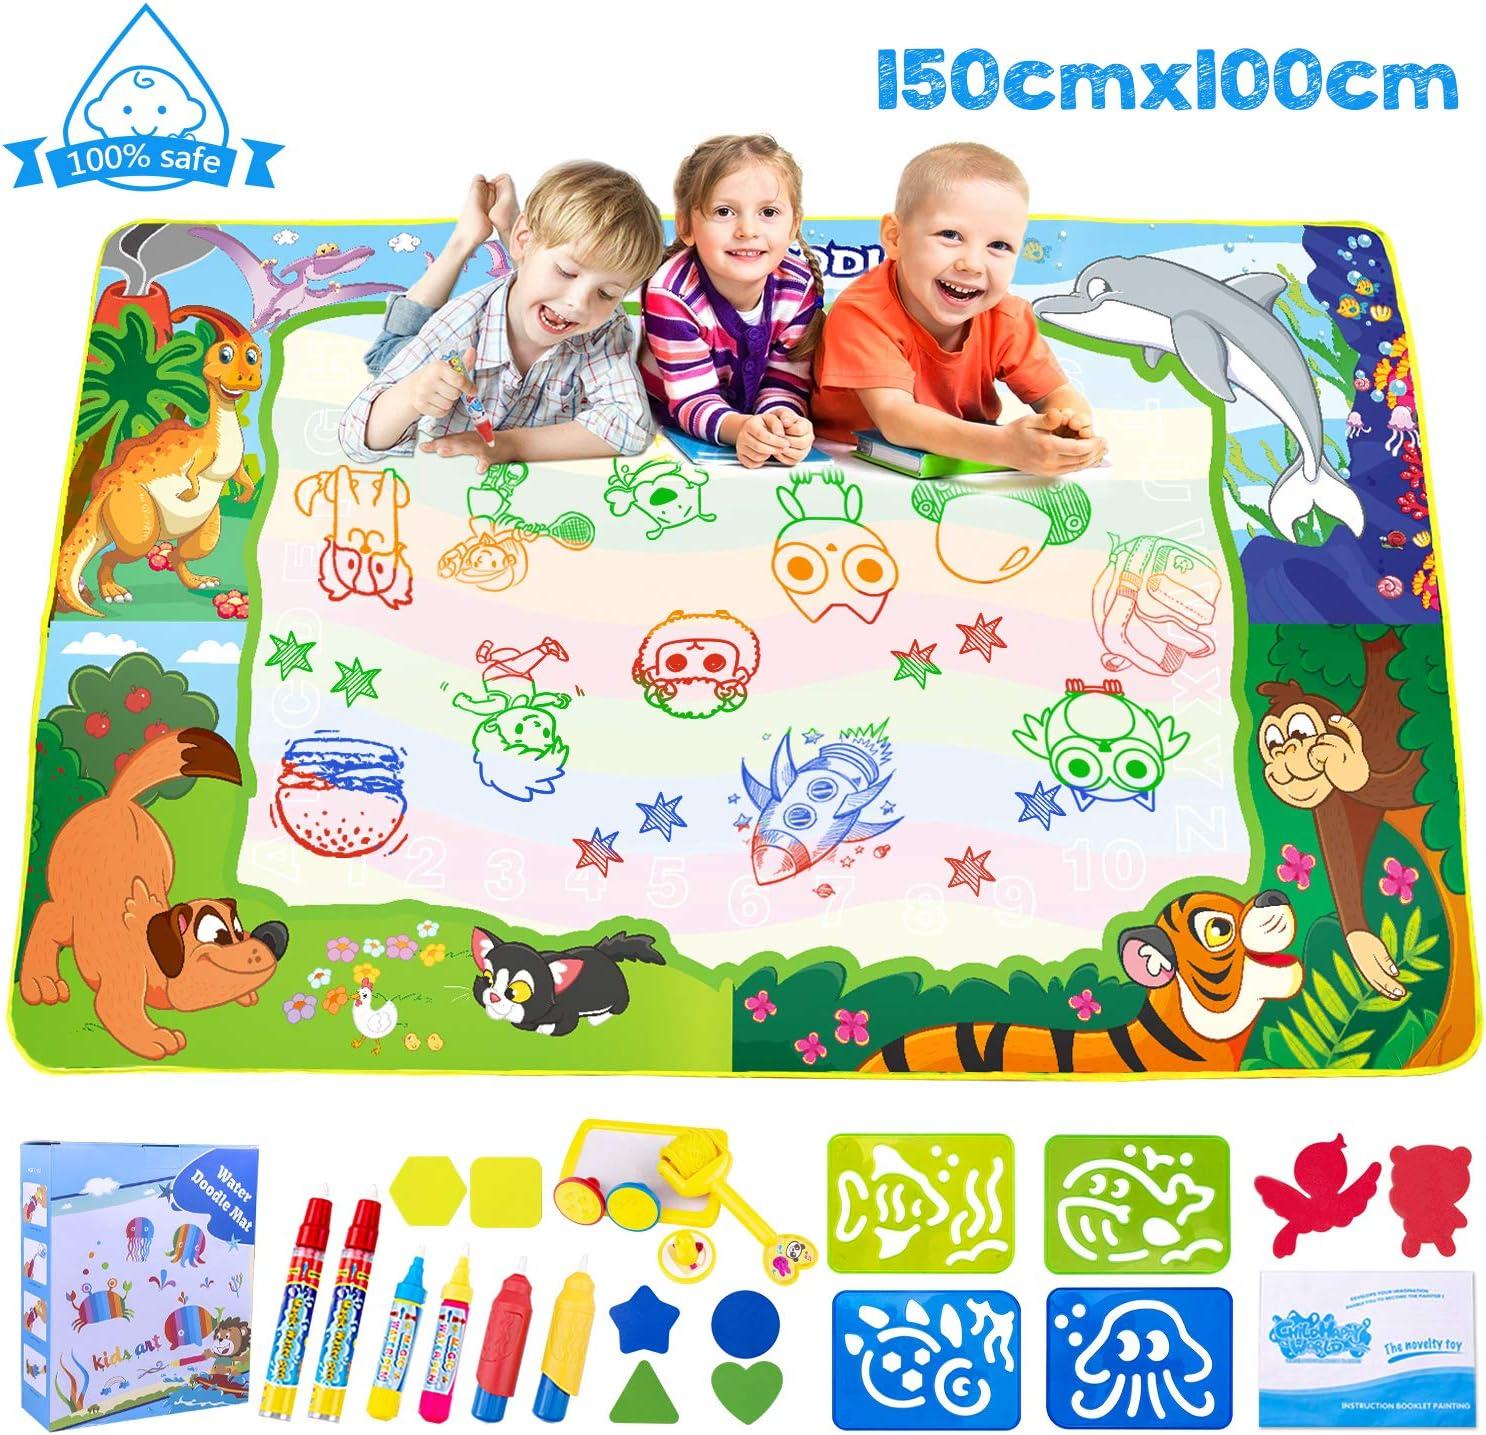 Omew Agua Dibujo Pintura,Esteras de Agua Doodle,150 * 100cm de Mayor tamaño , Superficie de Dibujo Extra Grande de 4 Colores, con 6 bolígrafos y Herramienta de Sello de Rodillo,Regalo para niños